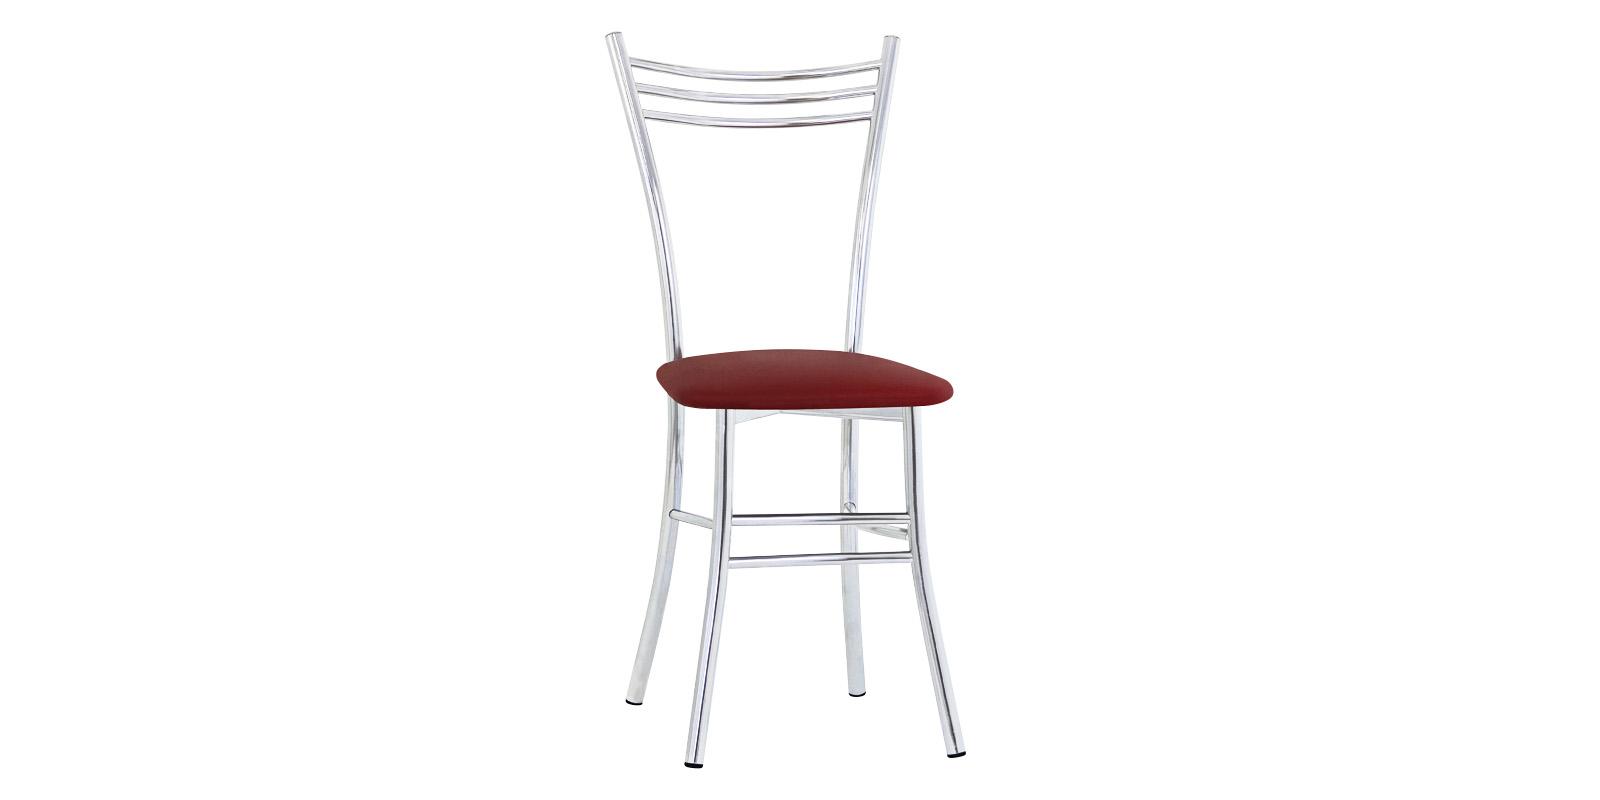 Металлокаркасные стулья - купить стул металлокаркасный недорого в Москве от производителя, каталог с ценами в интернет-магазинеhomeme.ruhomeme.ru